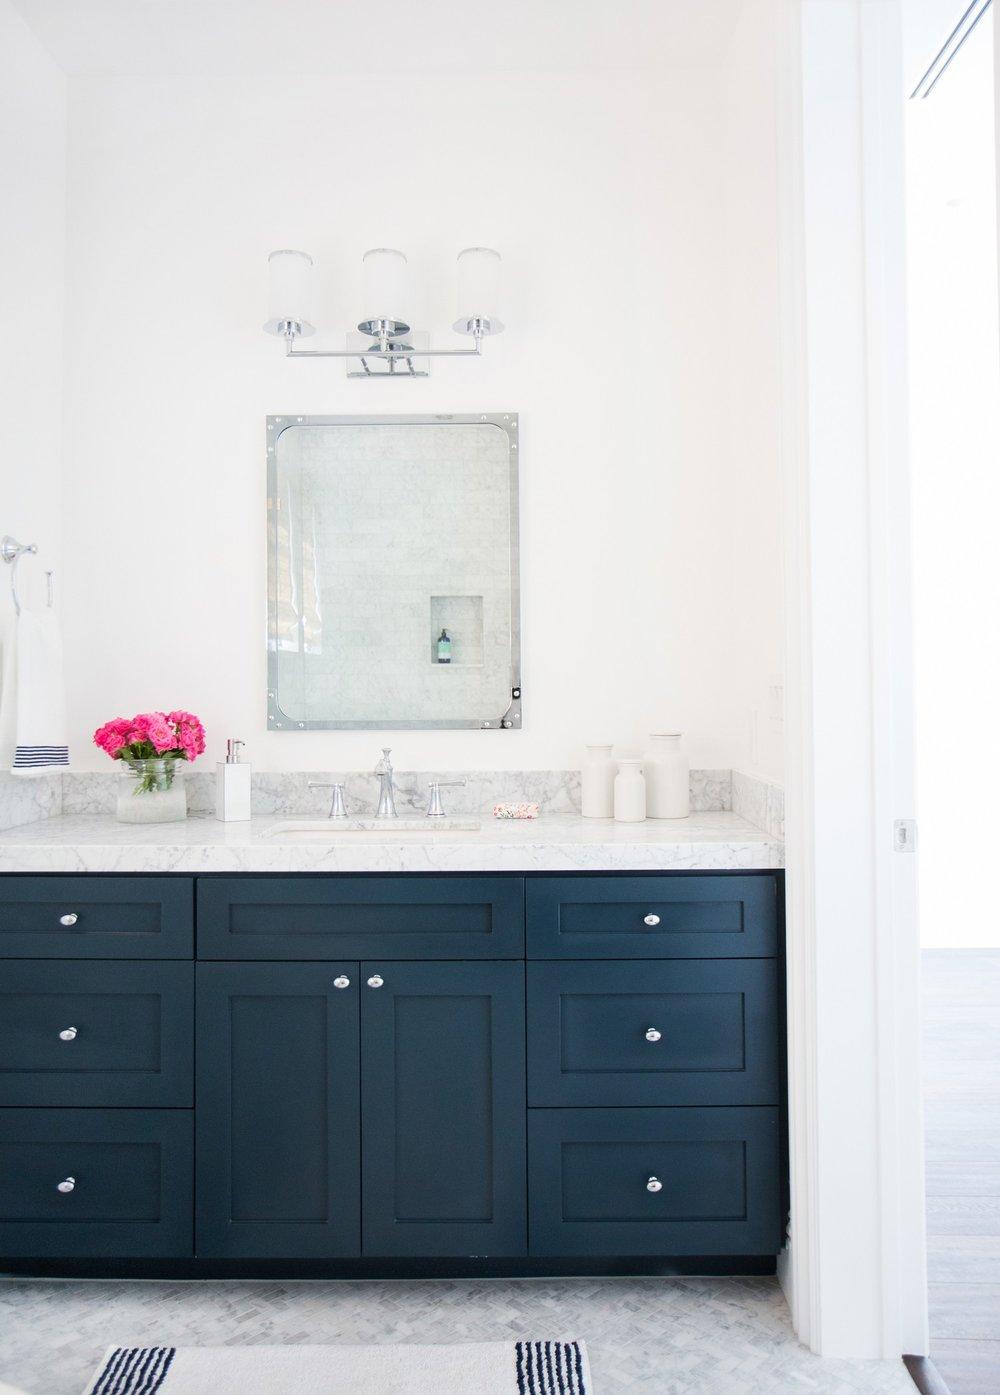 Marble+herringbone+floors+and+Benjamin+Moore+_Hale+Navy_+cabinets+__+Studio+McGee.jpg